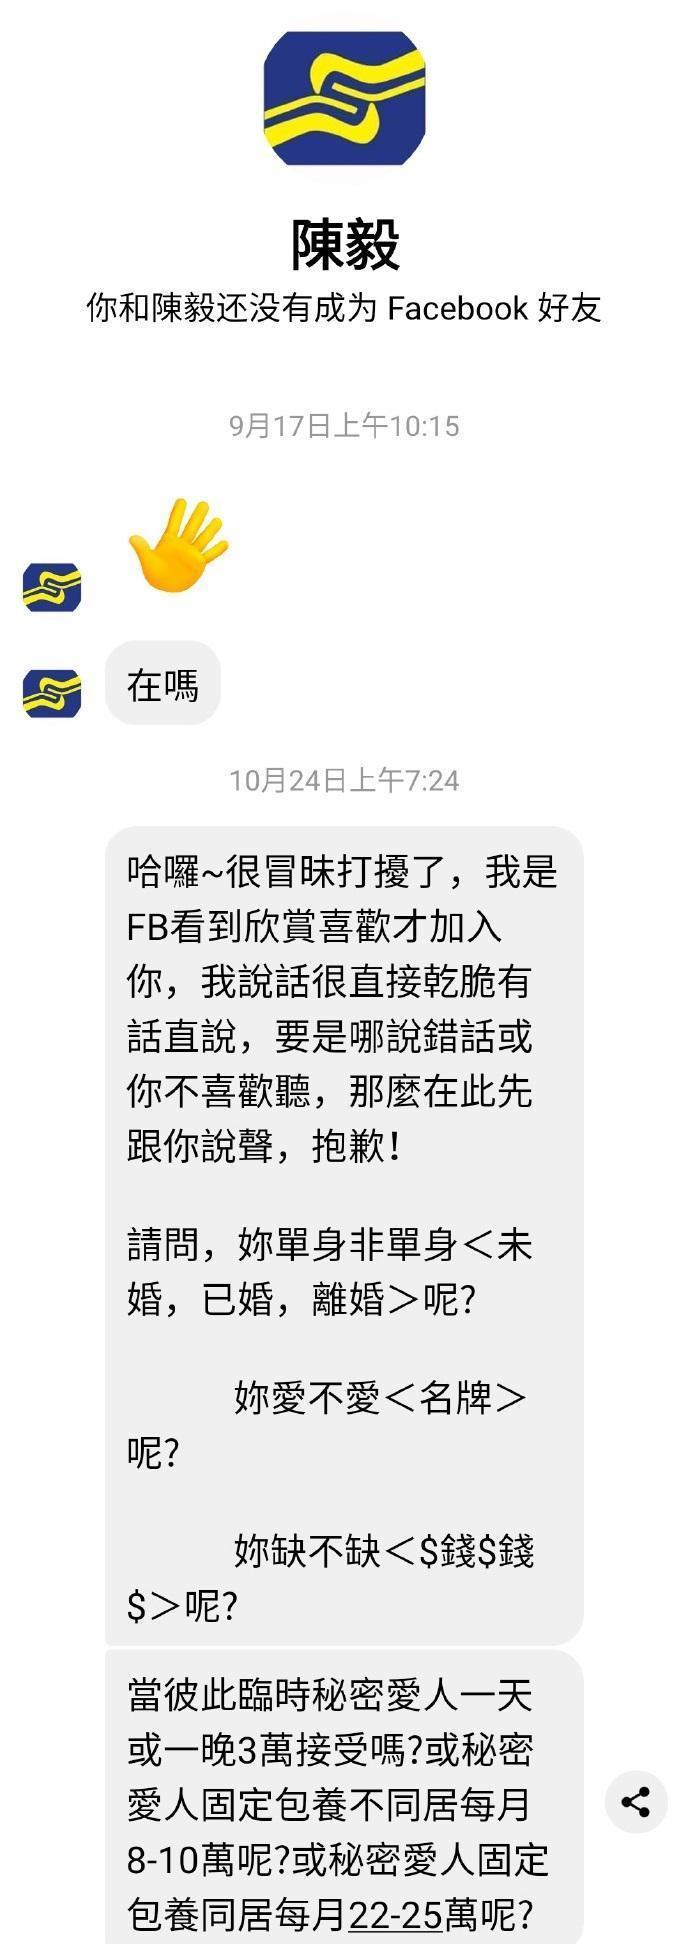 劉樂妍直接在微博上公開陳毅傳給他的訊息,透露了對方想要包養她的資訊。(翻攝劉樂妍微博)